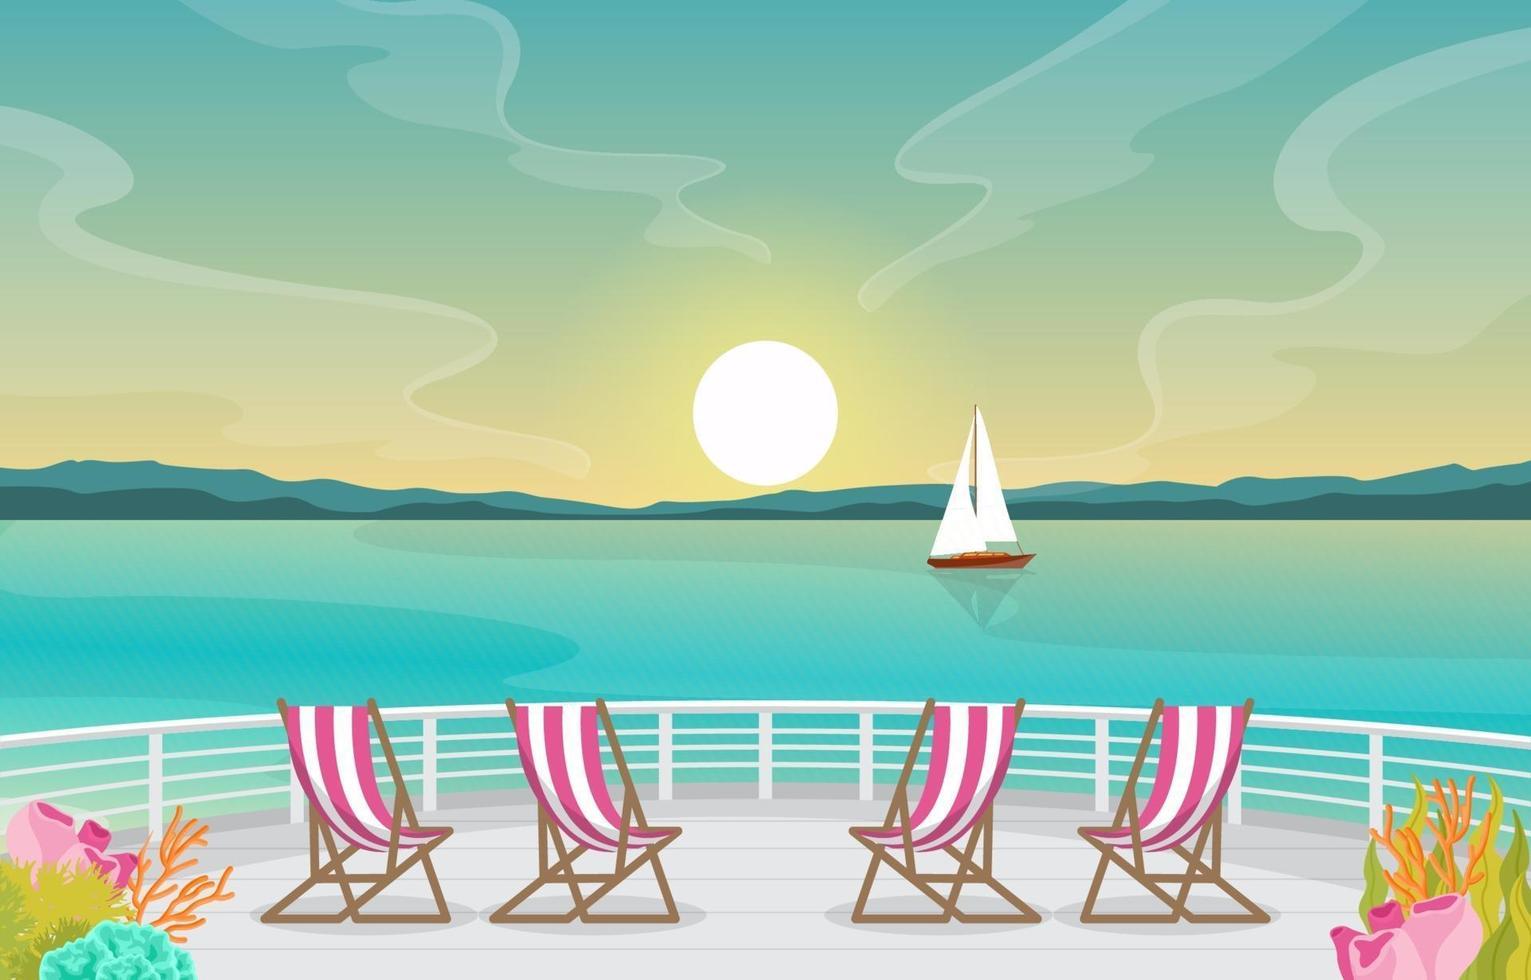 pont de bateau de croisière avec illustration du lever du soleil et de l'océan vecteur